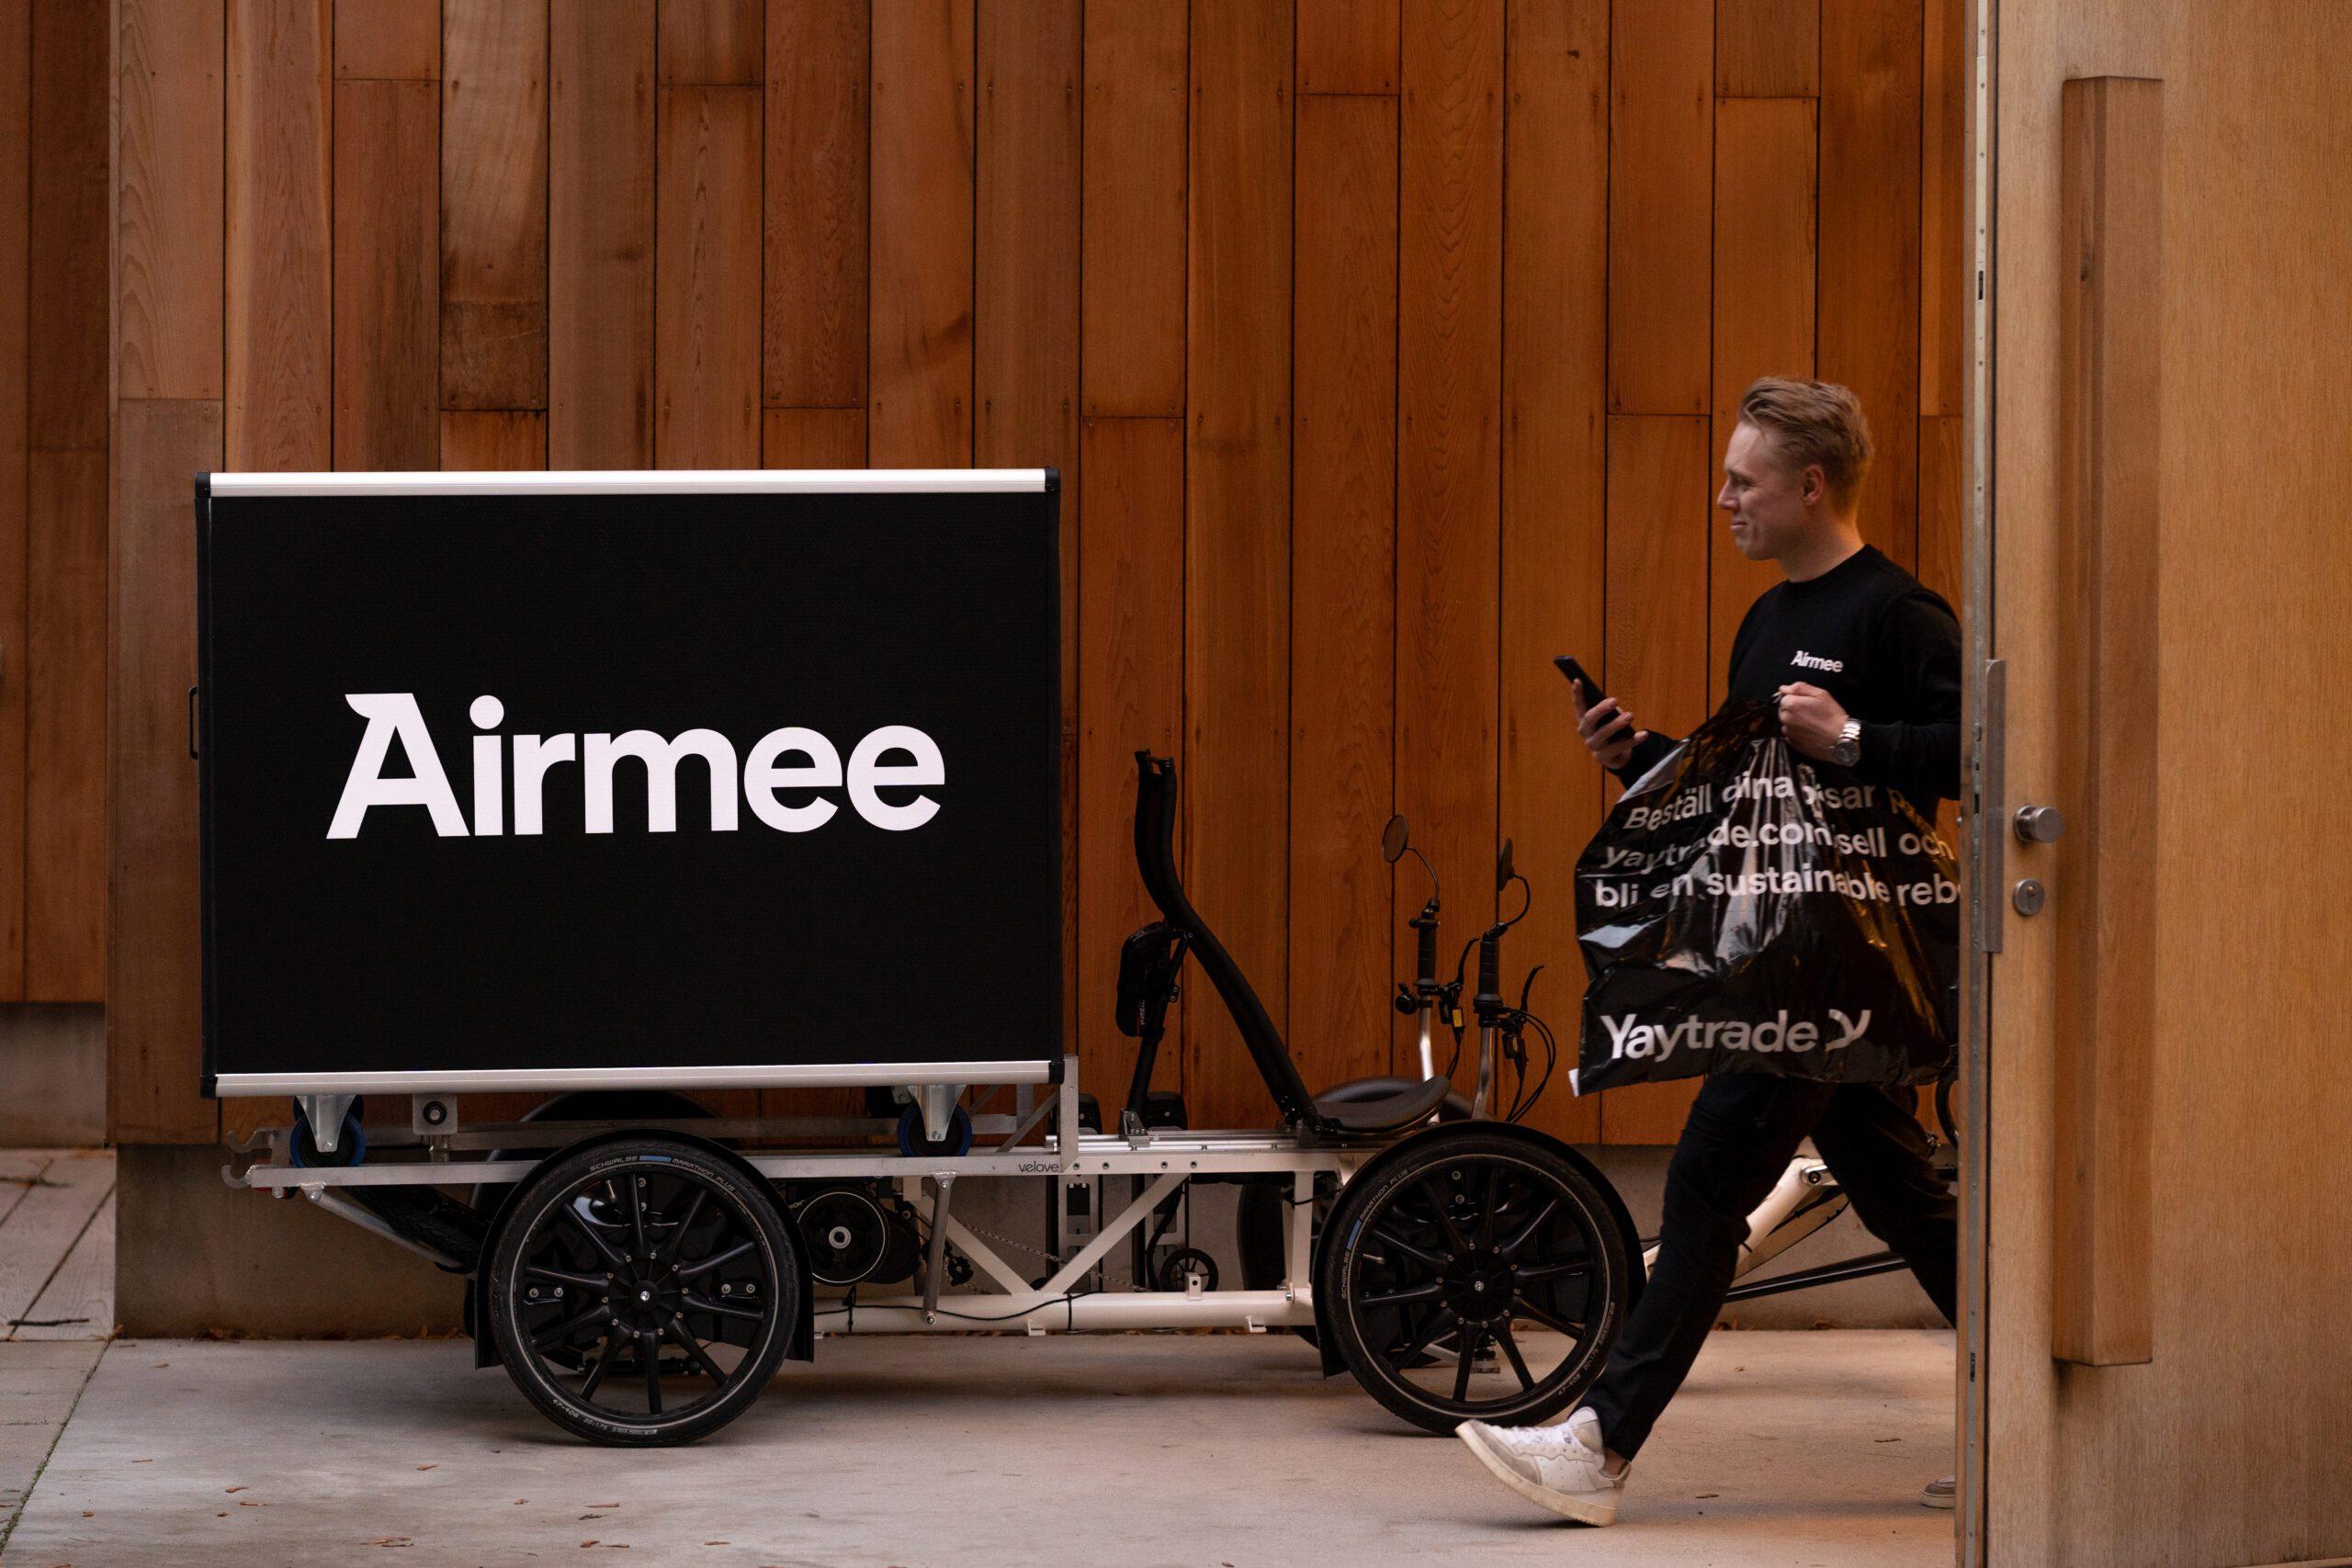 Airmee tar in över 160 MSEK i ny investeringsrunda efter rekordår